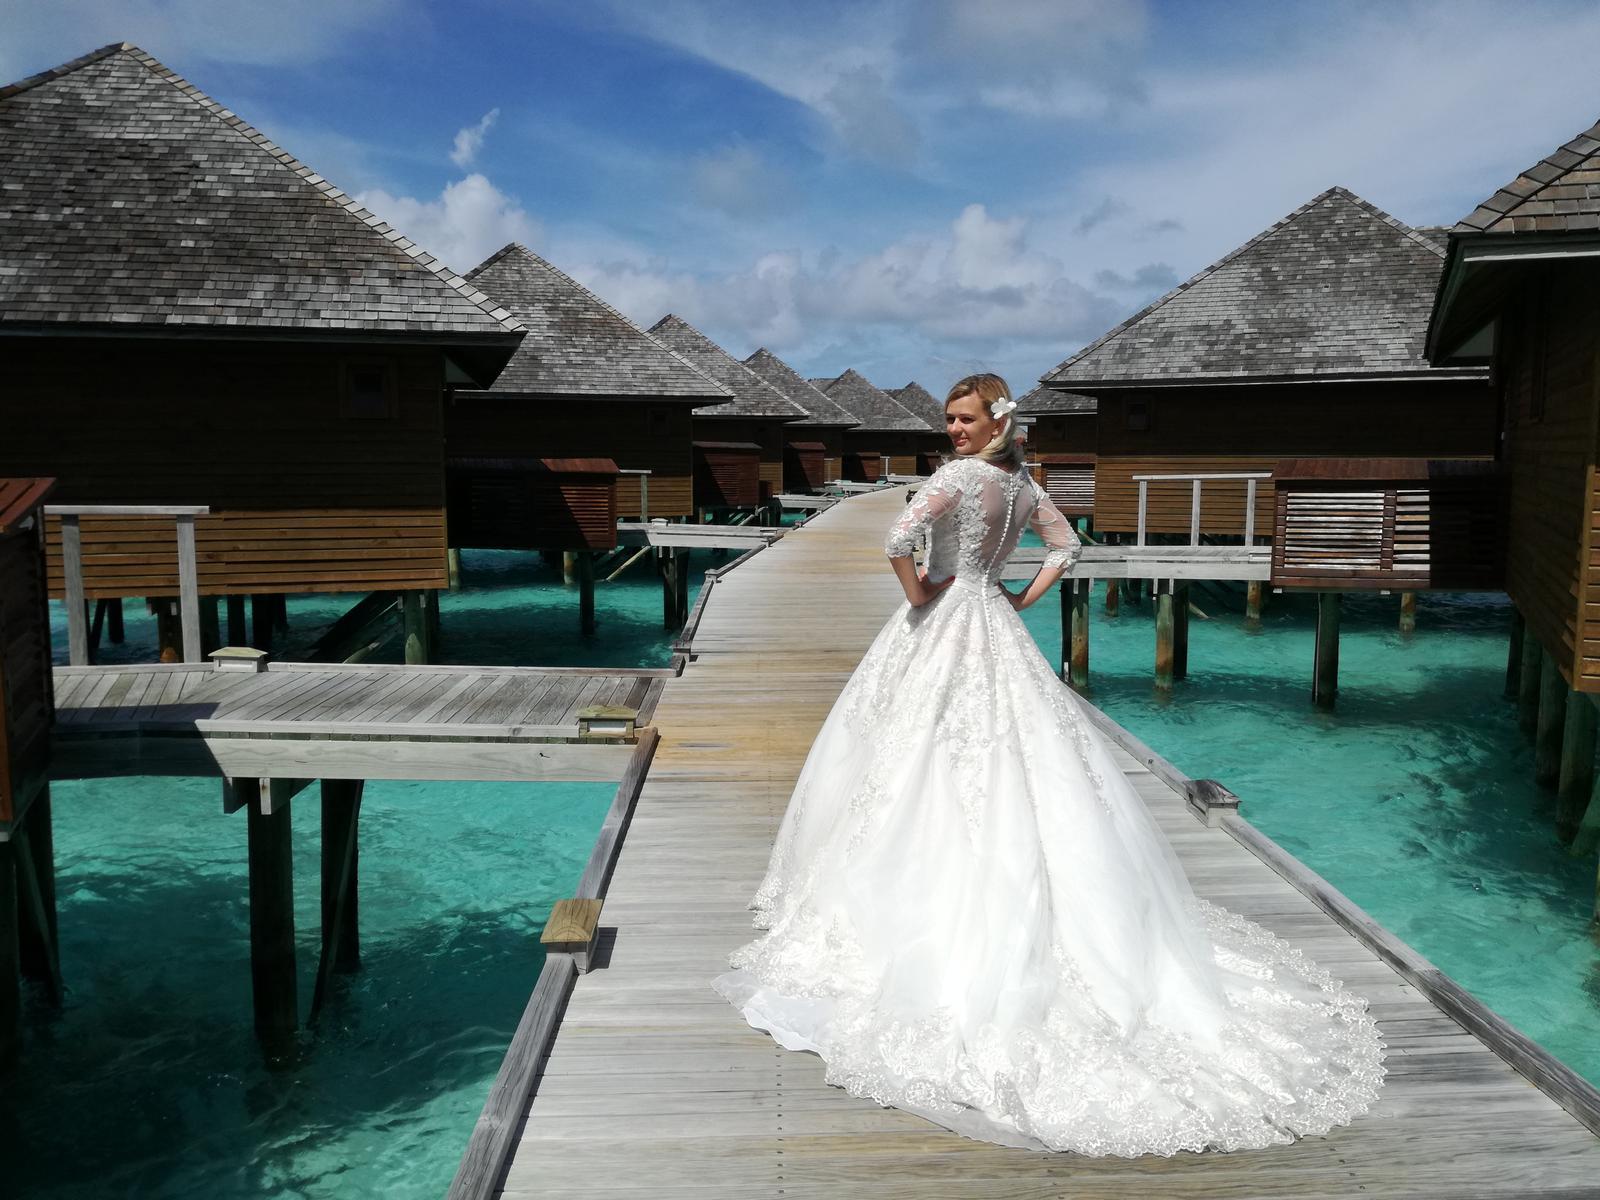 Naša nevestička ANIČKA v šatách ♥ EILIYAH ♥ na Maledivách - nevesta ANNA v šatách EILIYAH na Maledivách